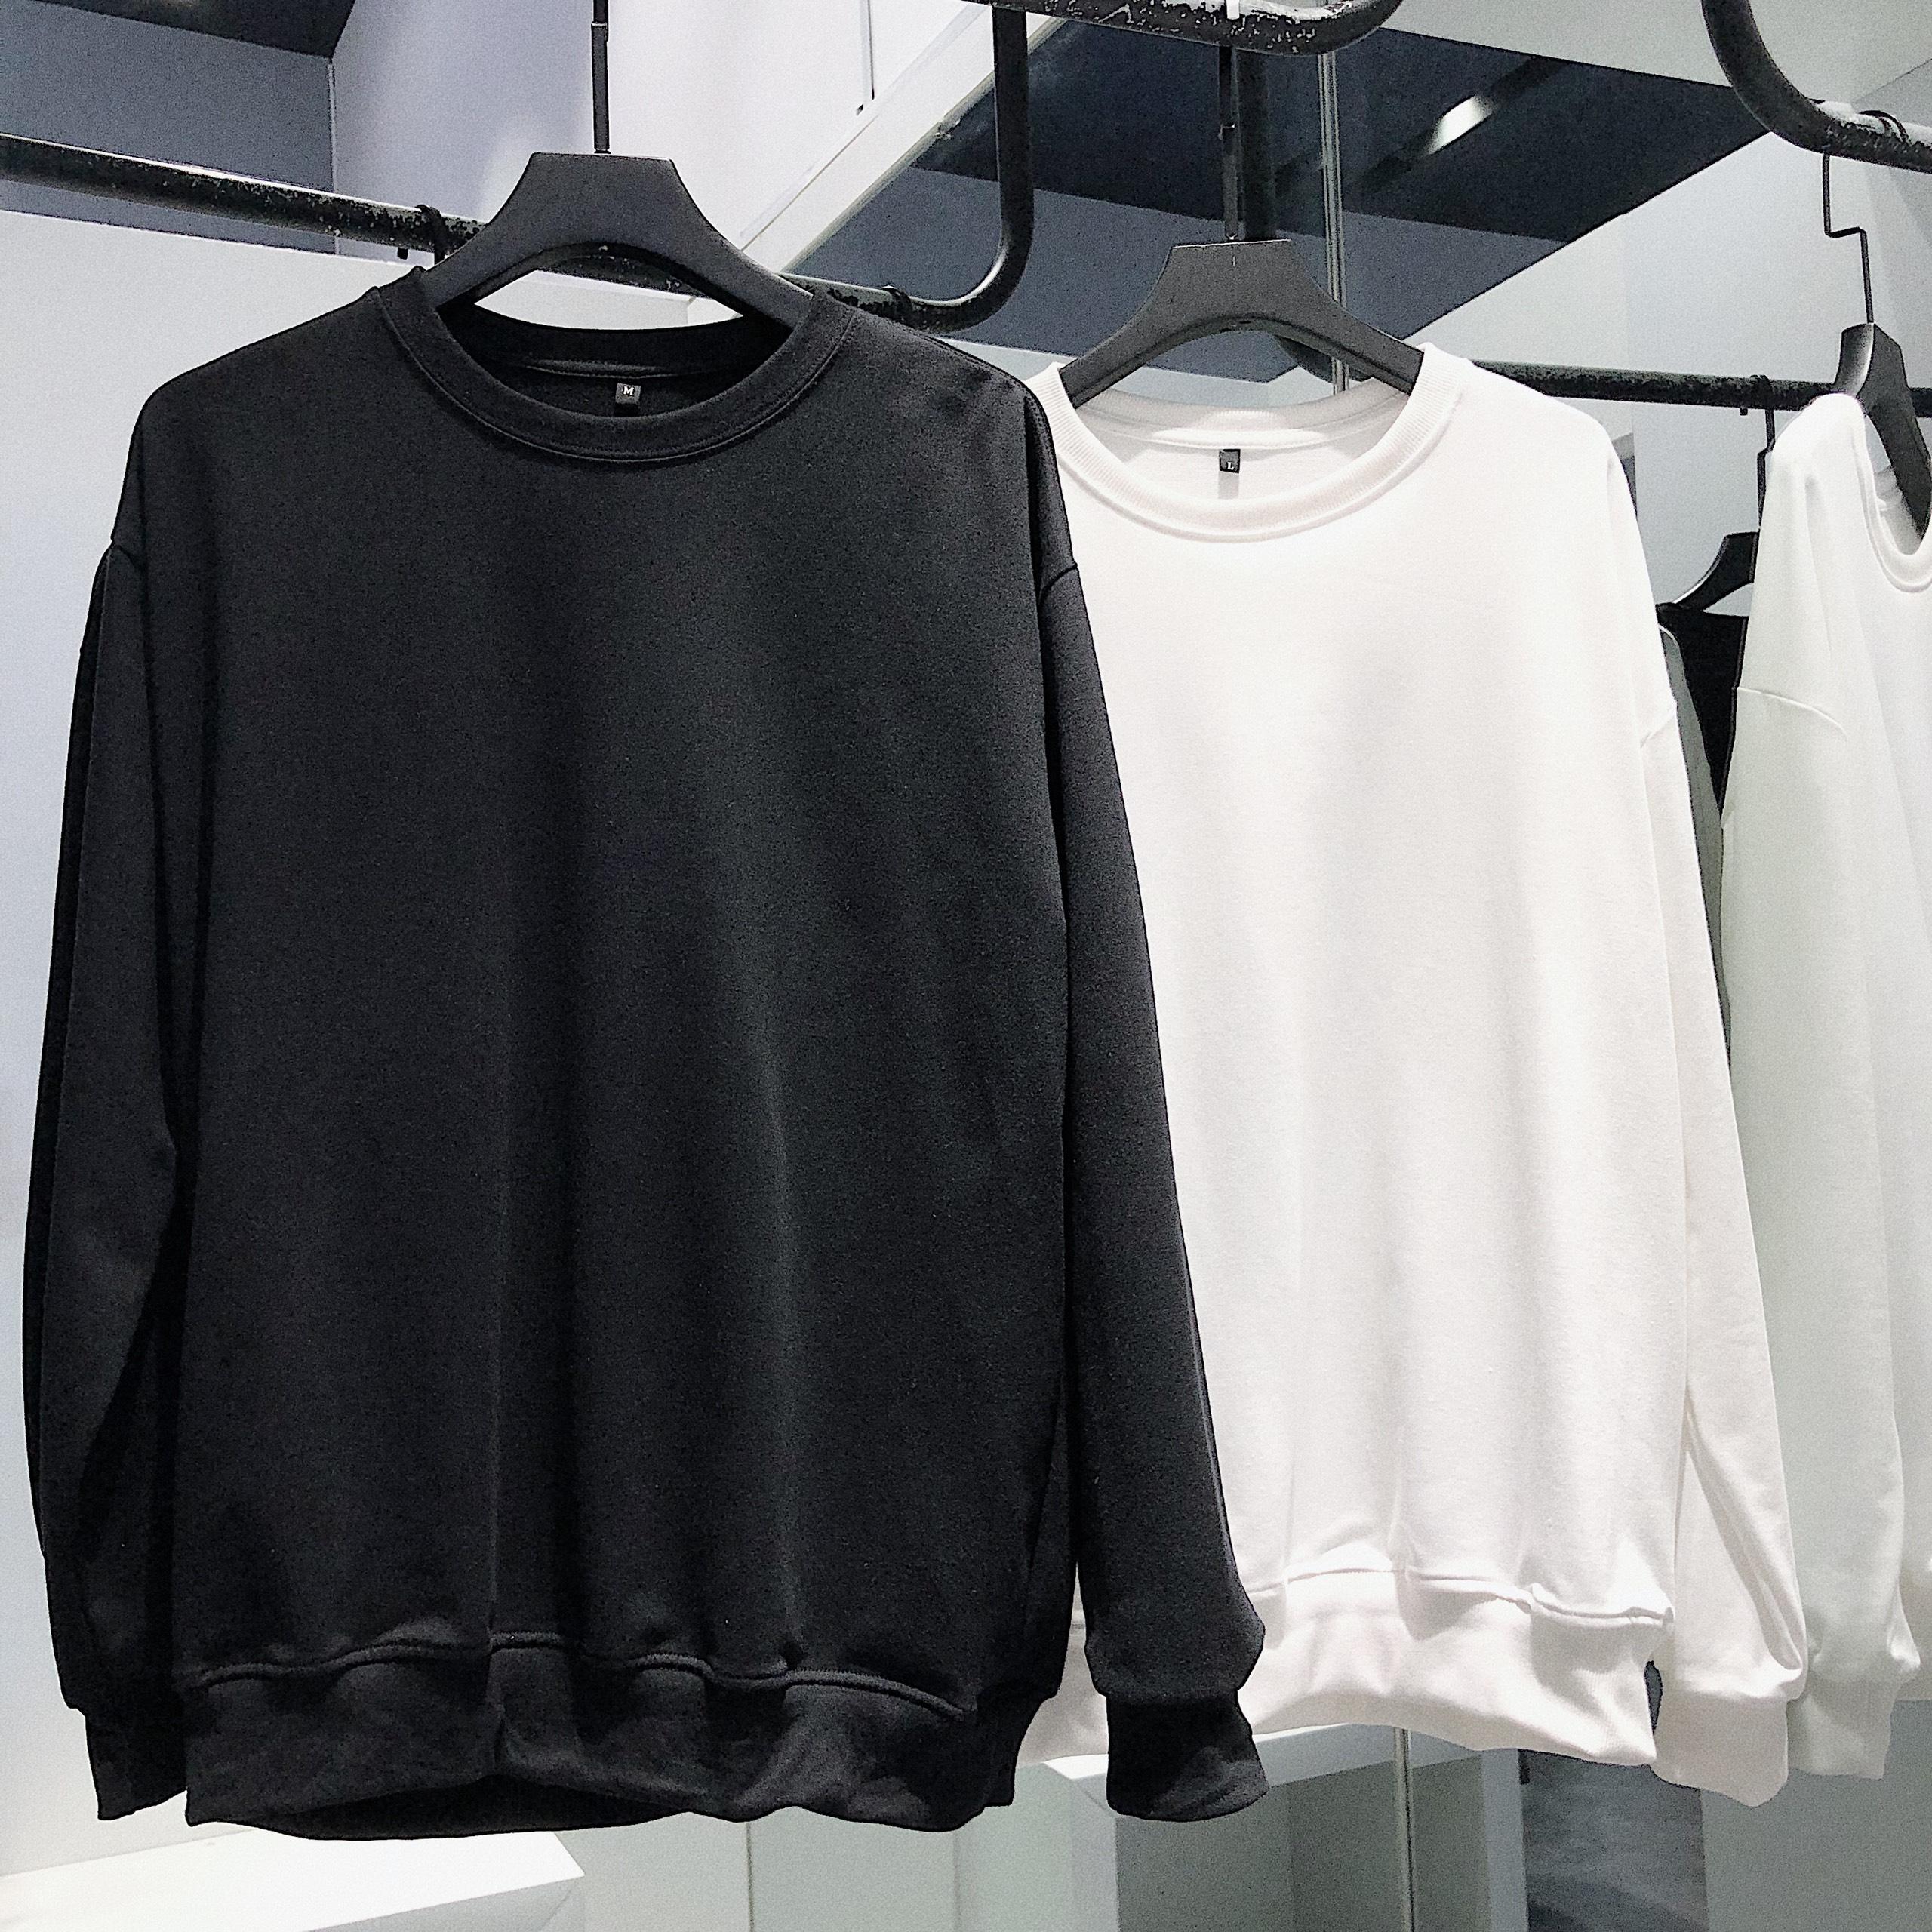 Áo Sweater Nam Nữ Nỉ Bông Trắng (Đen) Trơn Thời Trang Cao Cấp 3